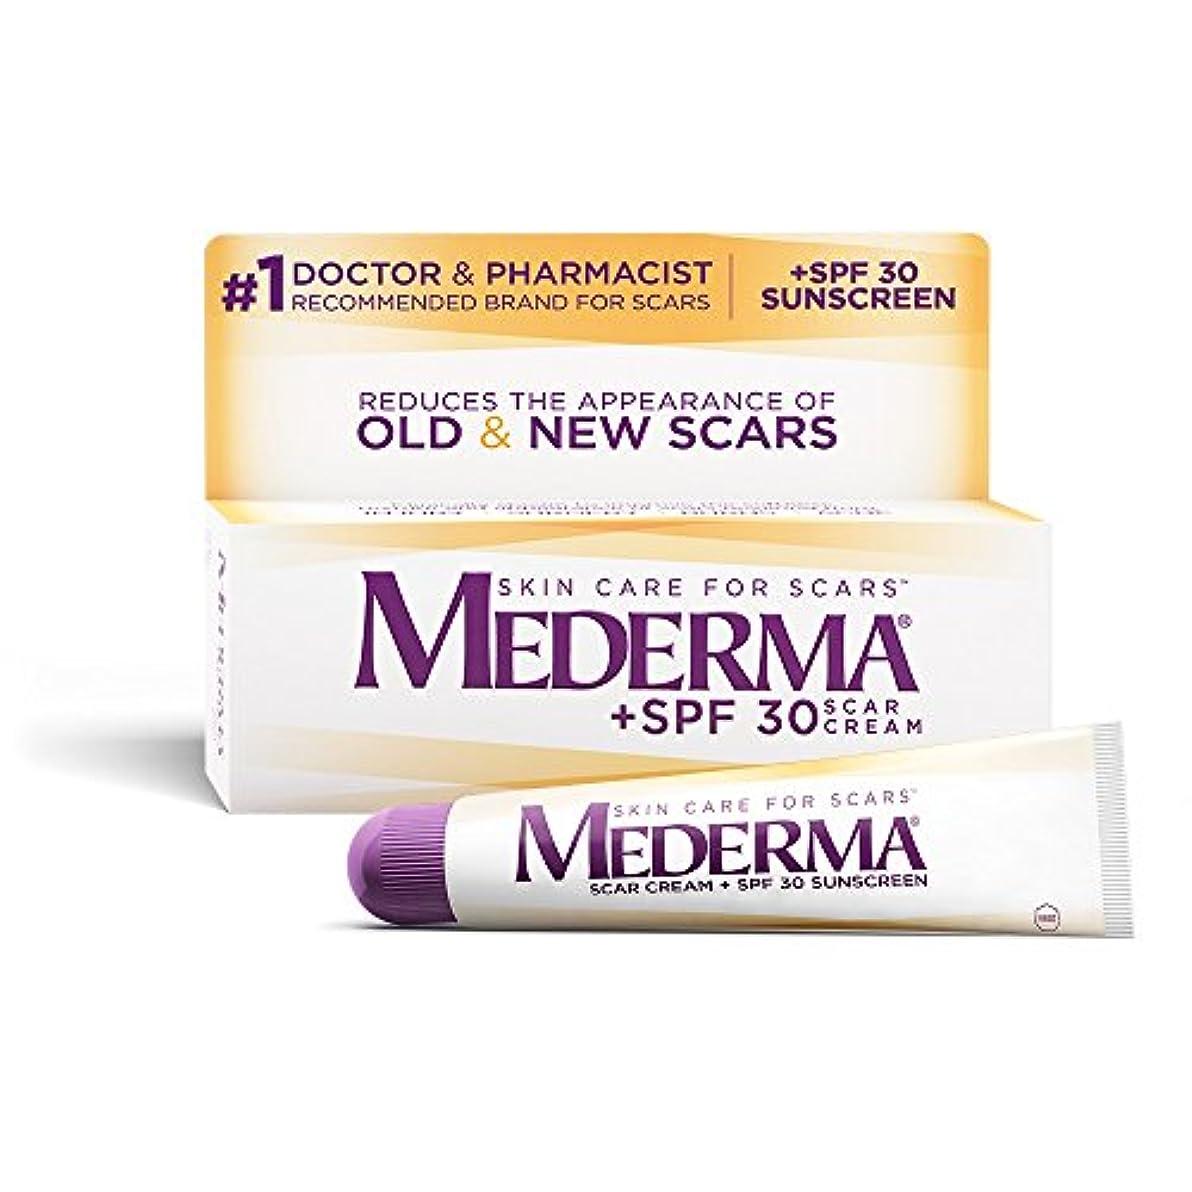 不健康飽和する休眠Mederma 社 日焼け止め成分SPF30配合 メドロマ(メデルマ) 1本 20g Mederma Scar Cream Plus SPF 30